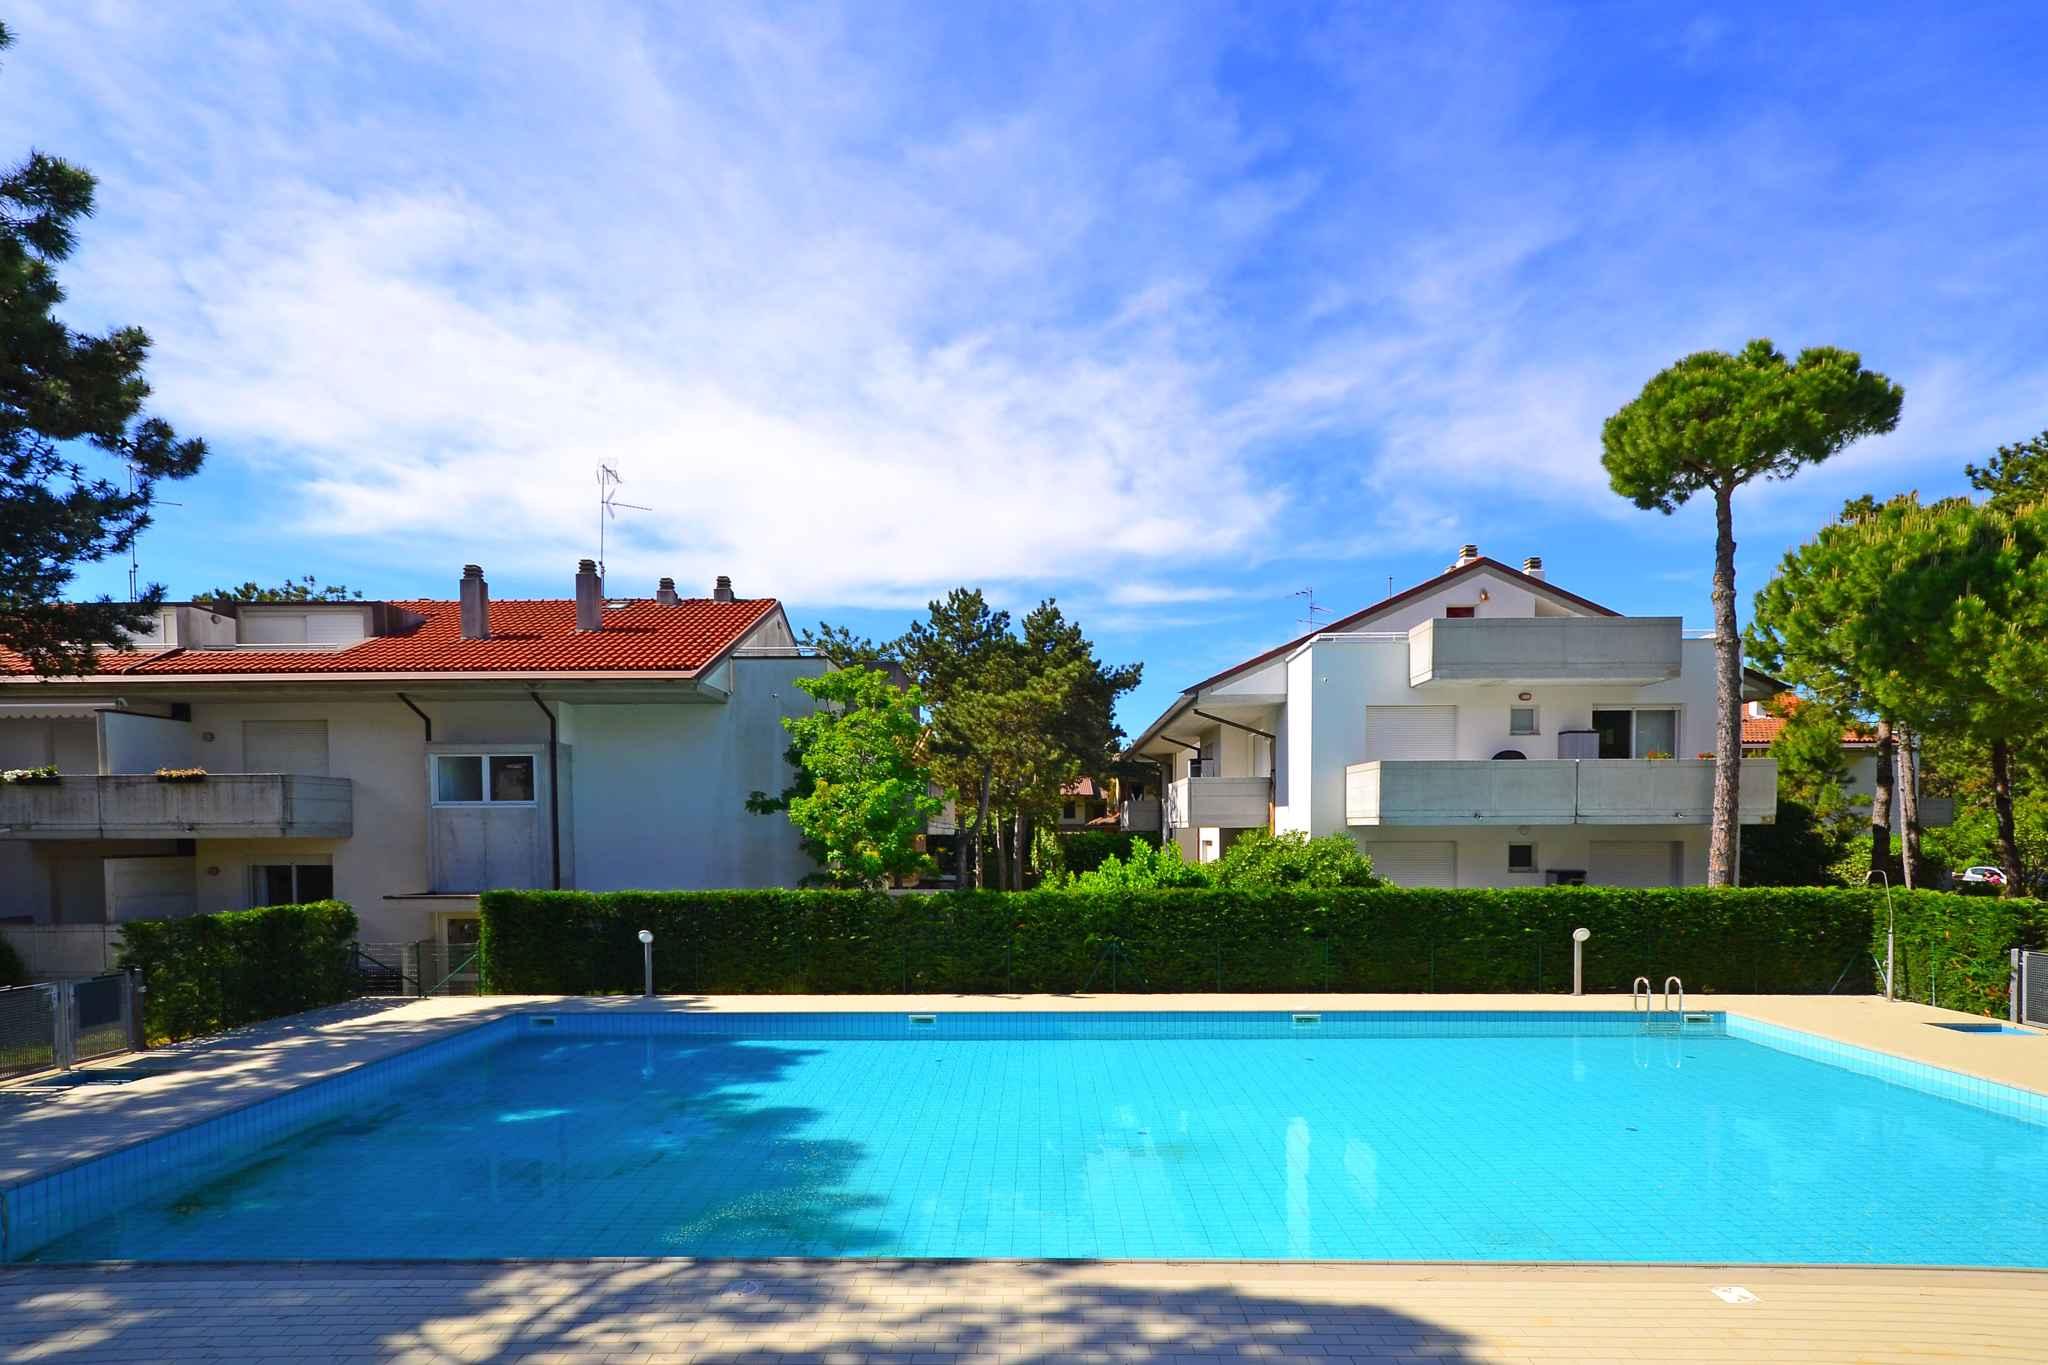 Ferienwohnung Ferienanlage Parco Hemingway mit Pool (279397), Lignano Sabbiadoro, Adriaküste (Friaul-Julisch Venetien), Friaul-Julisch Venetien, Italien, Bild 2